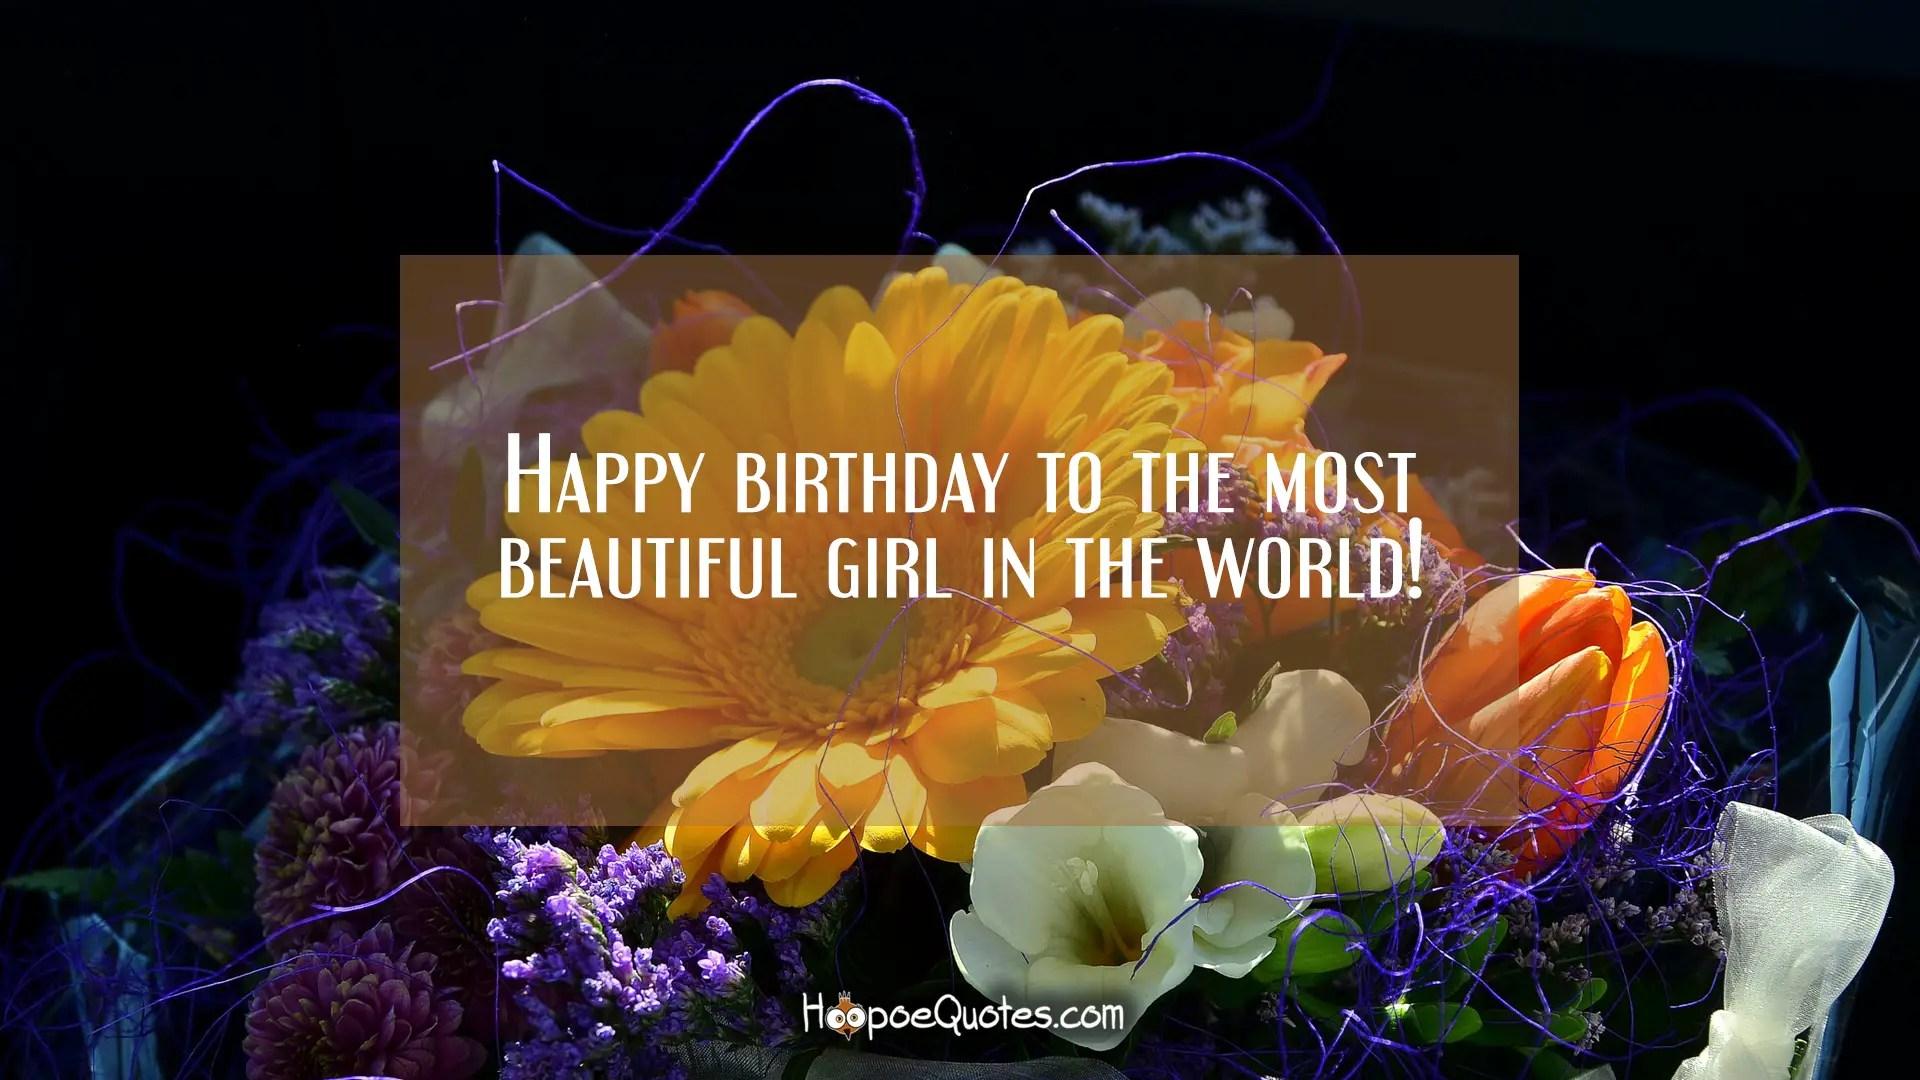 Ritzy Hoopoequotes Happy Birthday Girl Pics Happy Birthday Girl Images Download Facebook Facebook Google Happy Birthday To Most Girl Happy Birthday To Most Girl gifts Happy Birthday Beautiful Girl